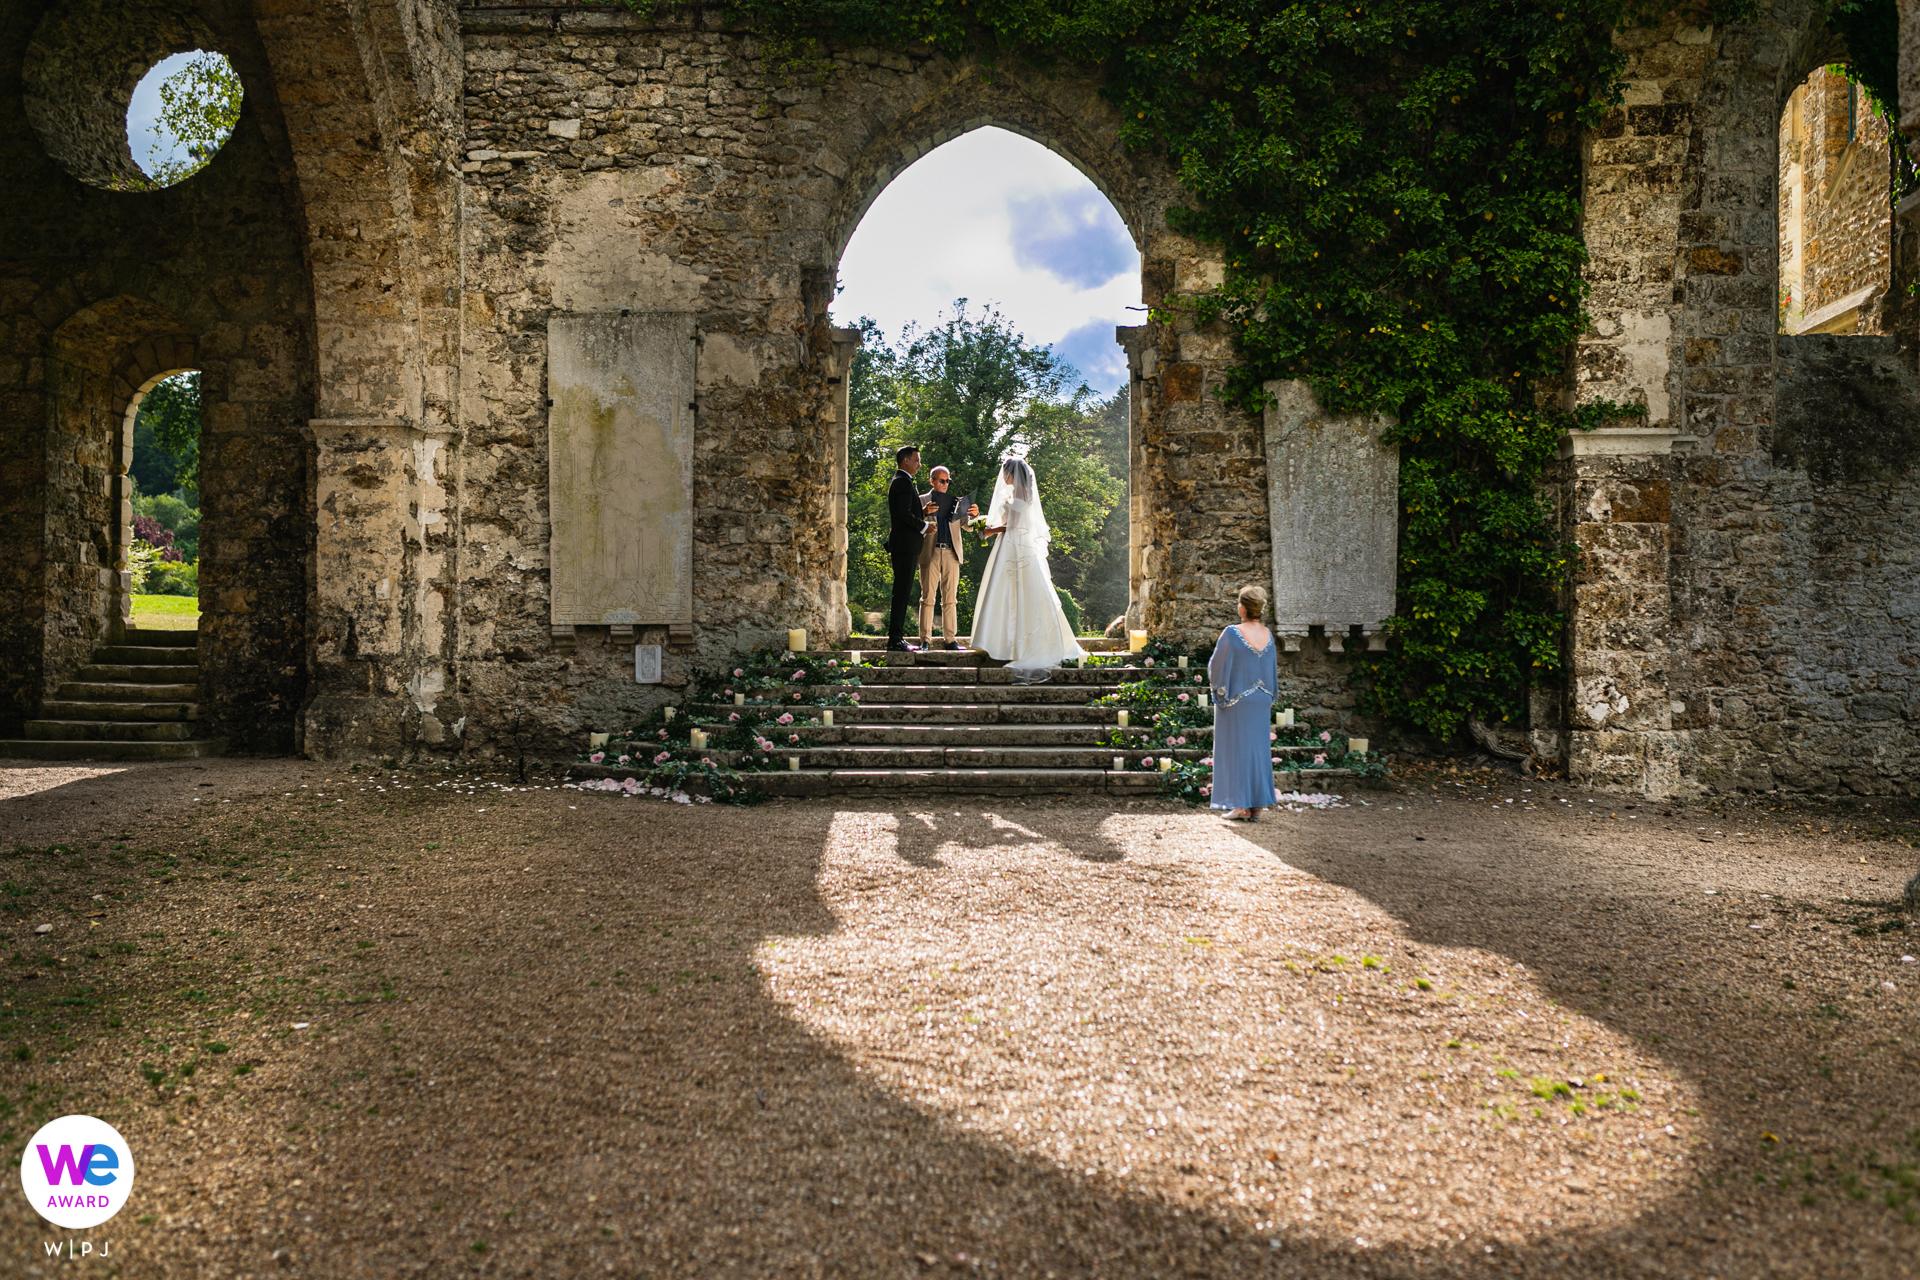 Steinabtei in Frankreich - Elopement Fotograf | Sie wollten in Frankreich heiraten. Die Abtei hatte eine unglaubliche Kulisse für ihre Zeremonie, die unter einem steinernen Torbogen stattfand